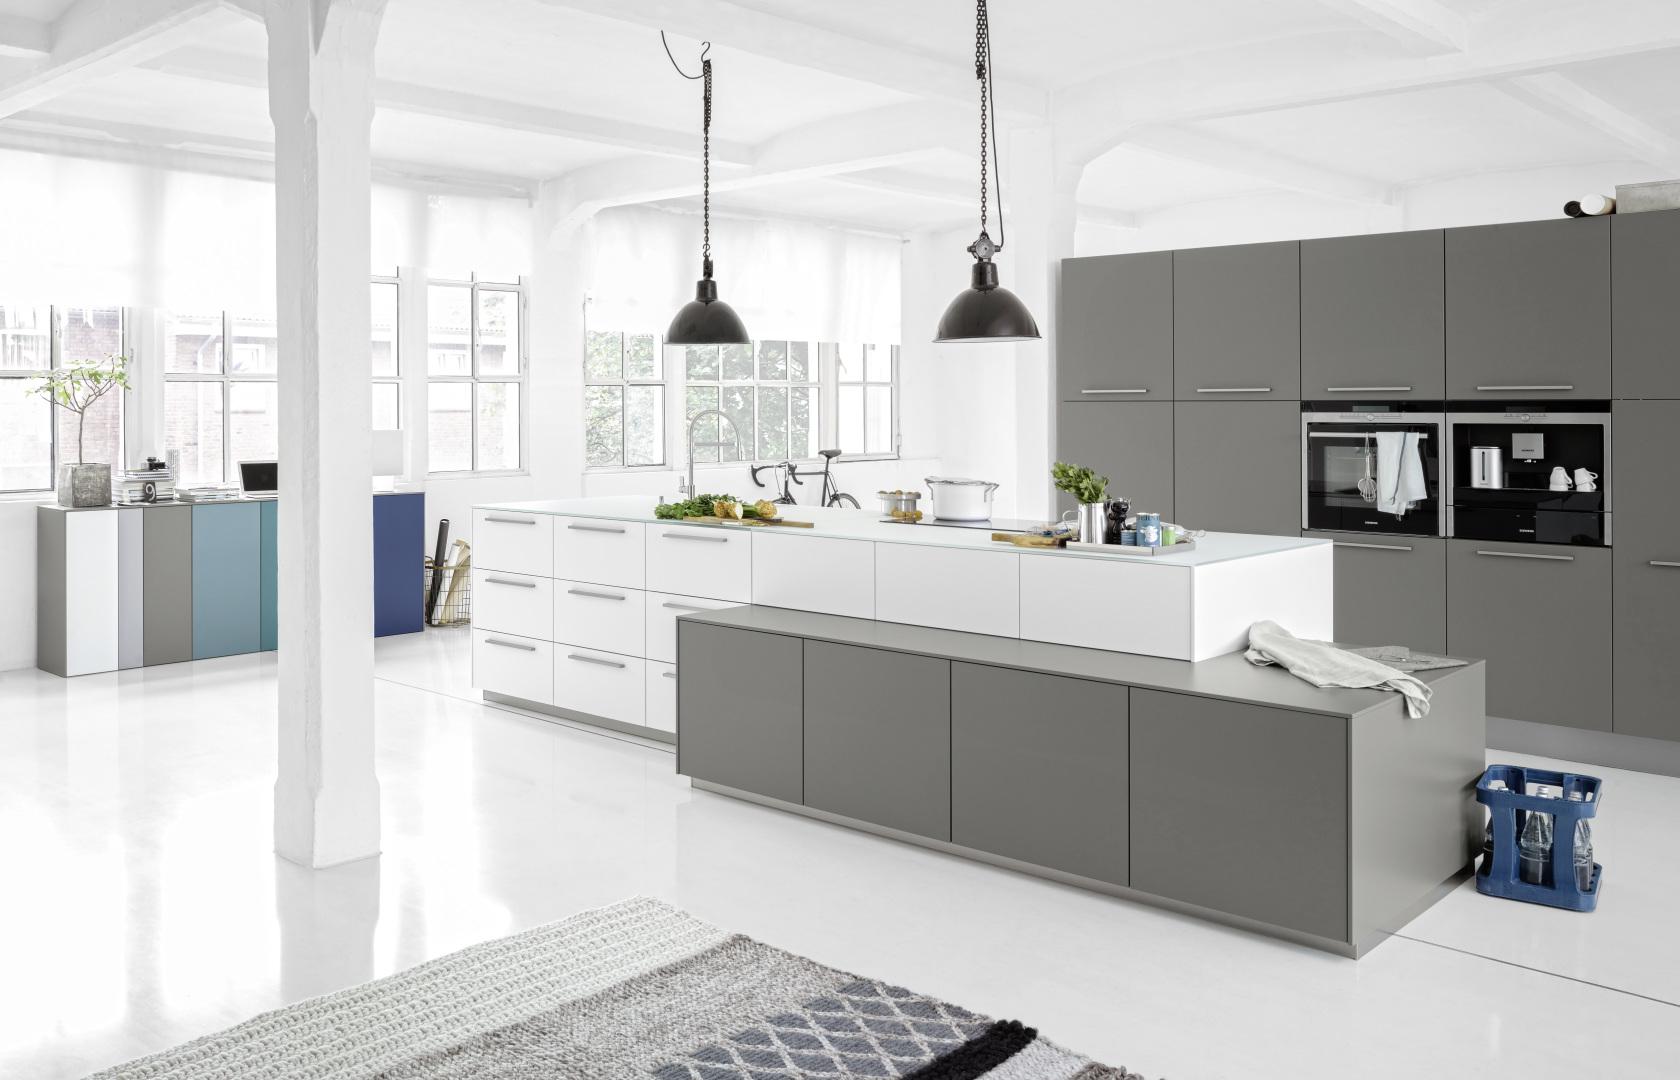 Belle cuisine lumineuse design moderne blanc gris avec îlot central